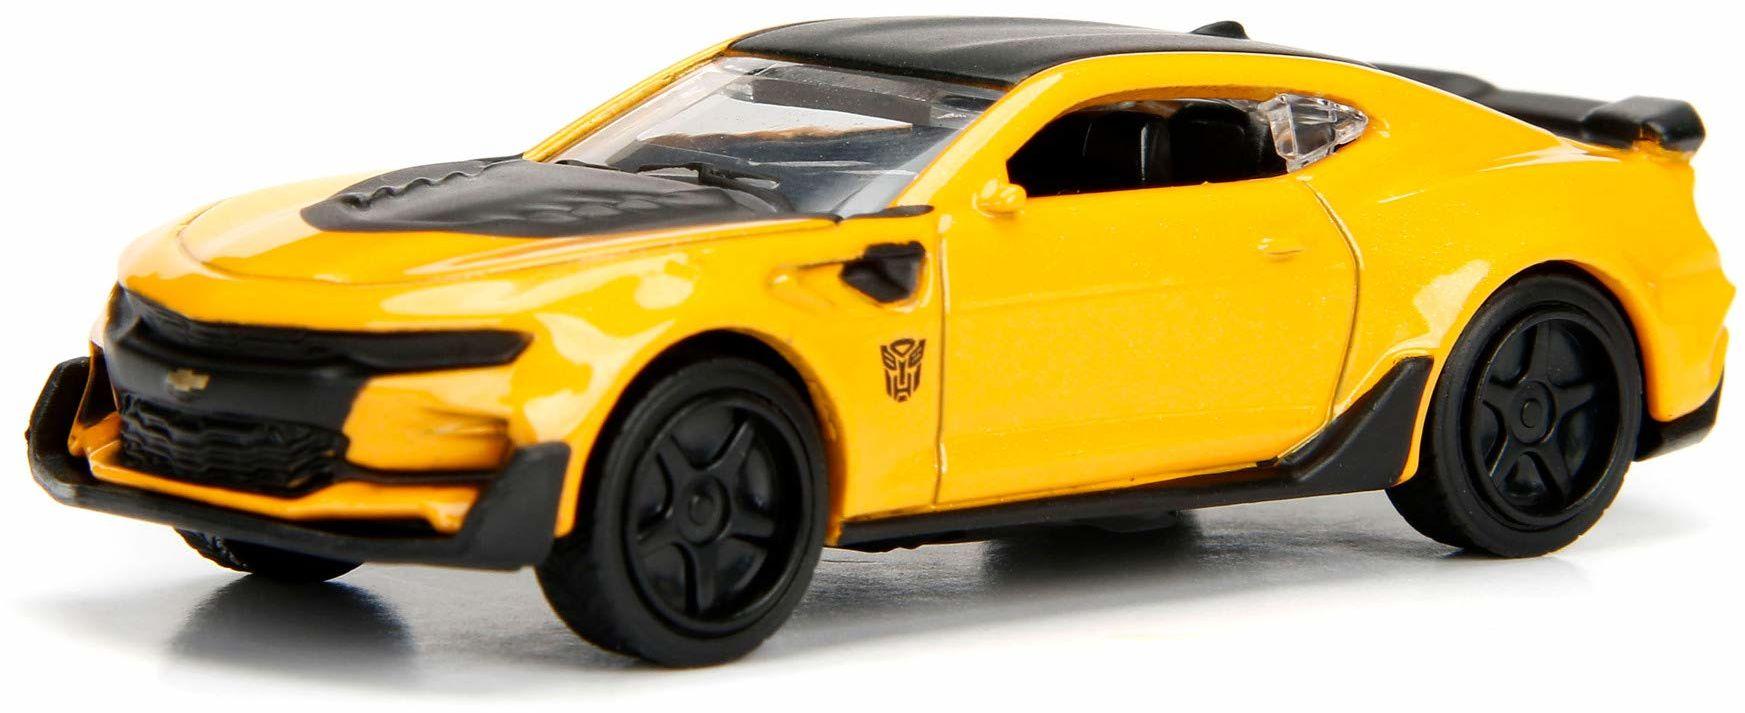 Jada Toys 253112000 Transformers samochód zabawkowy, Bumblebee lub Optimus Prime, 2 różne wersje losowe, dostawa: 1 sztuka, od 3 lat